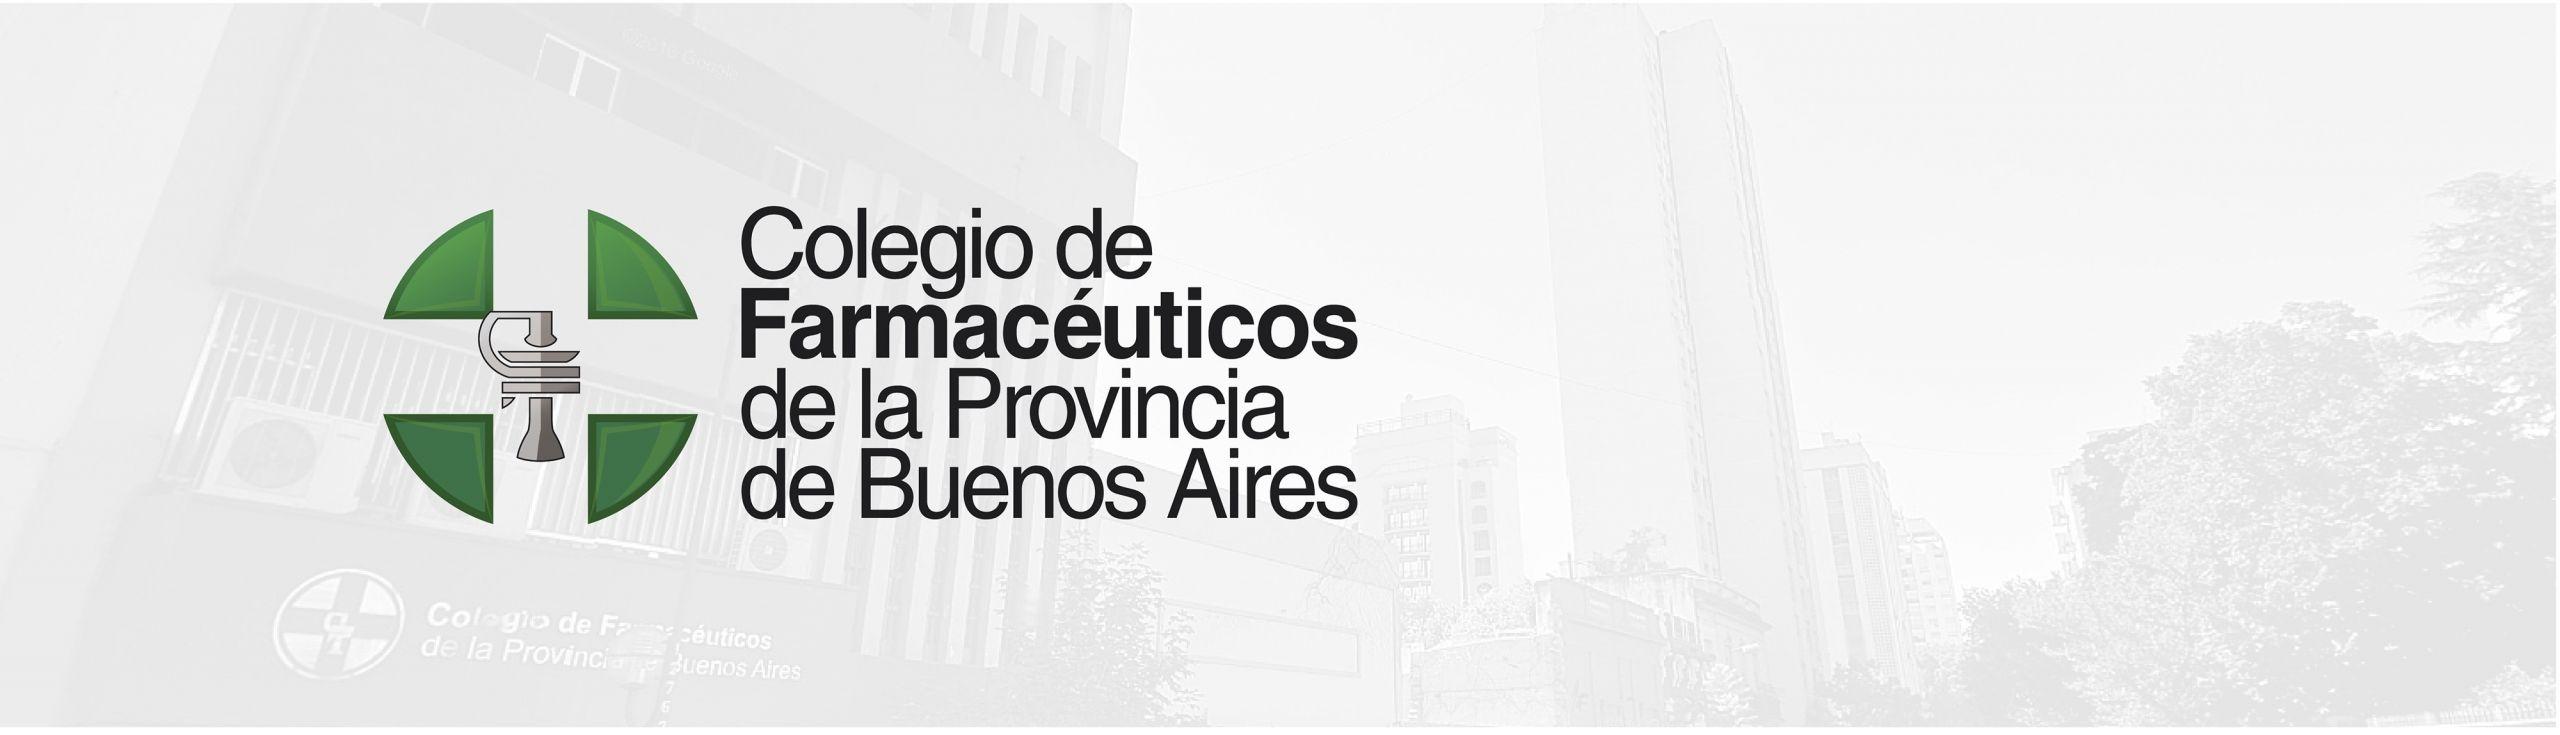 Calendario 2020 Dias Feriados Puerto Rico Mejores Y Más Novedosos Investigar Calendario 2019 Feriados Portugal Of Calendario 2020 Dias Feriados Puerto Rico Más Populares Colegio Del Uruguay Celebro